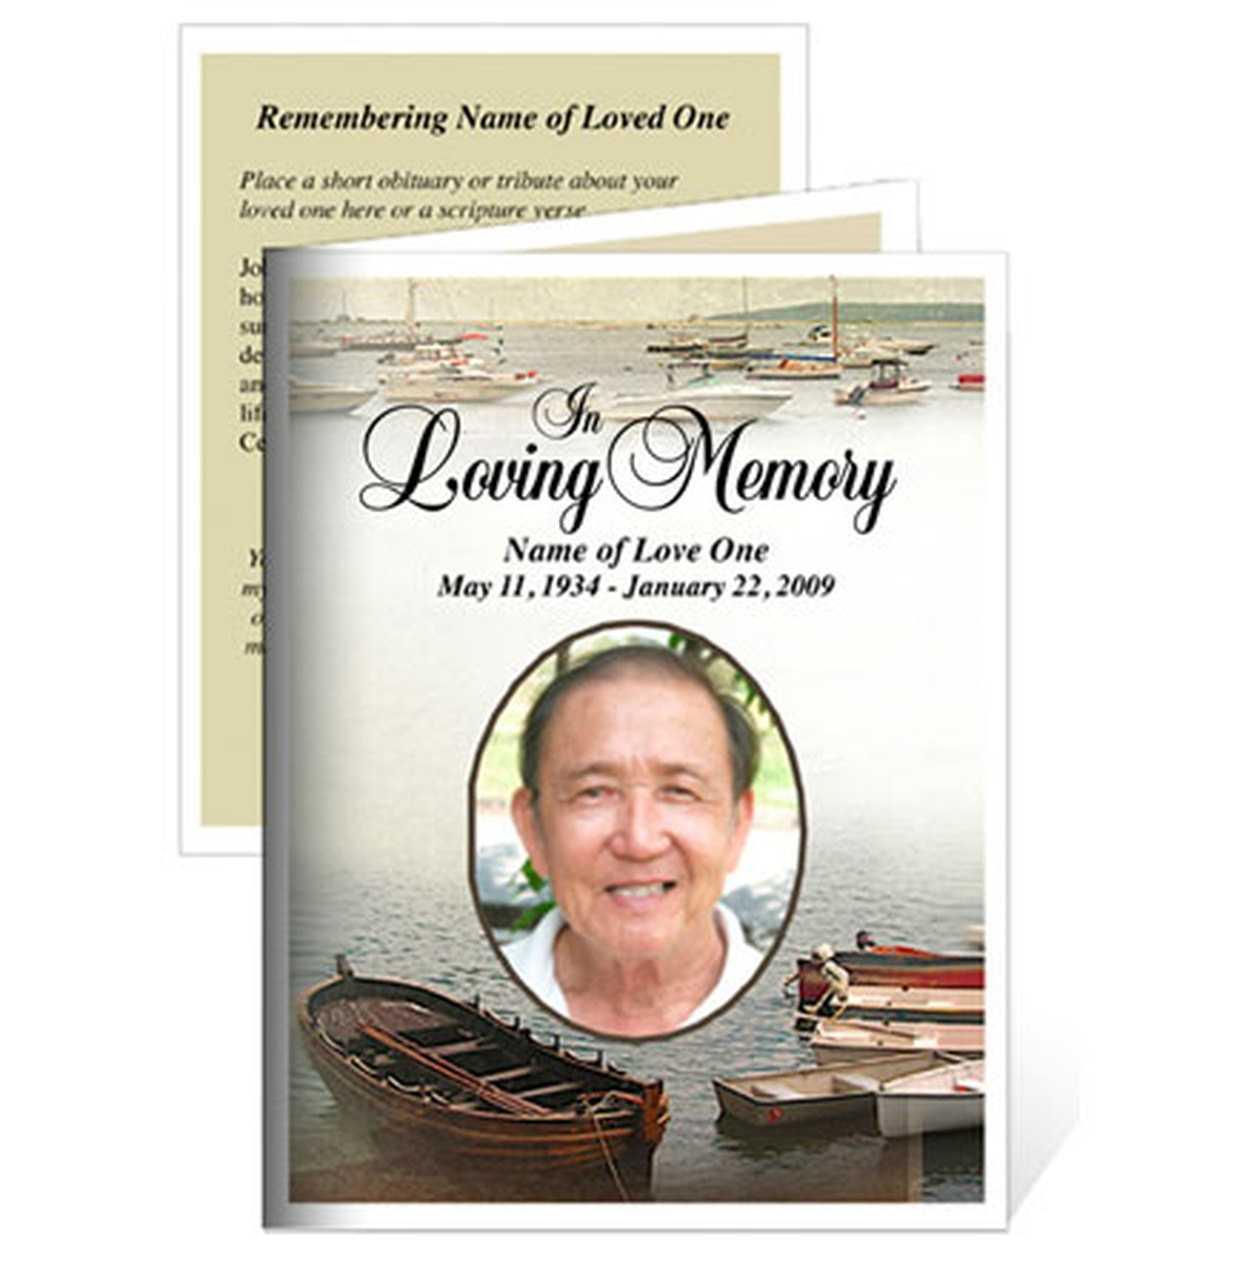 Template For Memorial Card - Karan.ald2014 Regarding Memorial Card Template Word